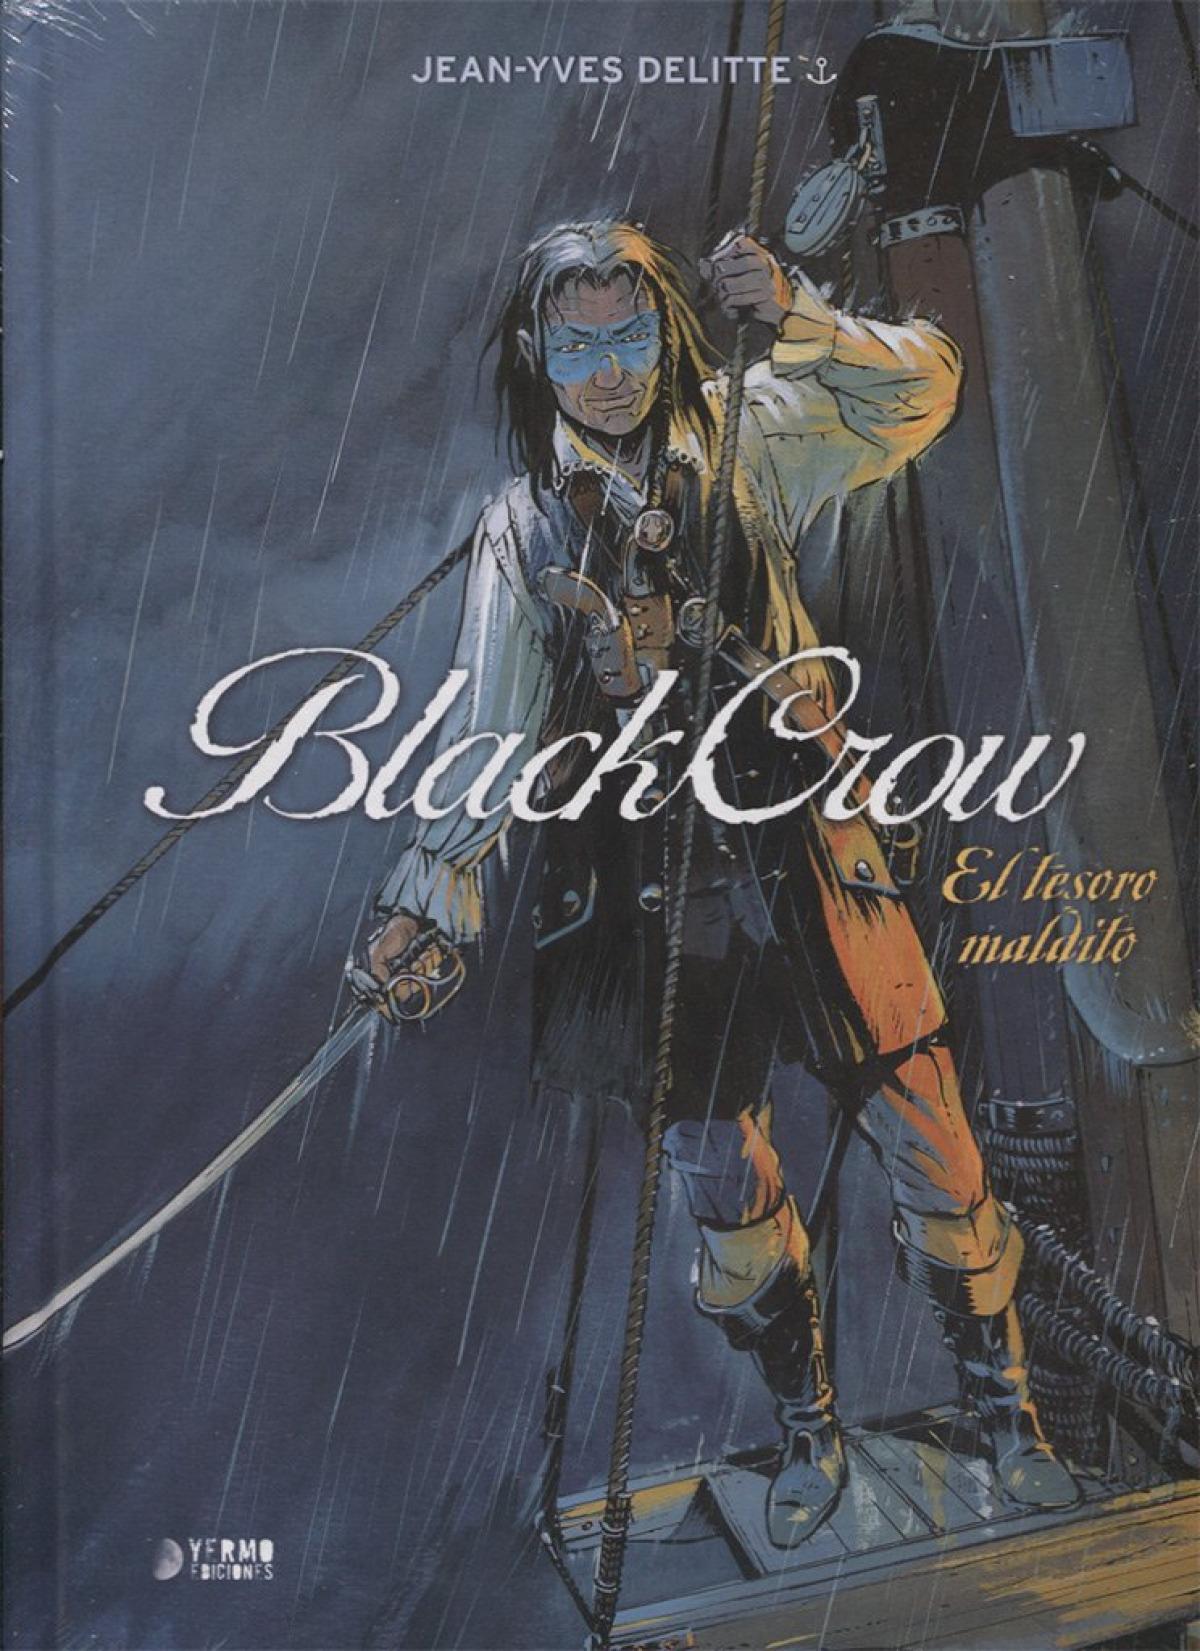 El tesoro maldito blackcrow - Delitte, Jean